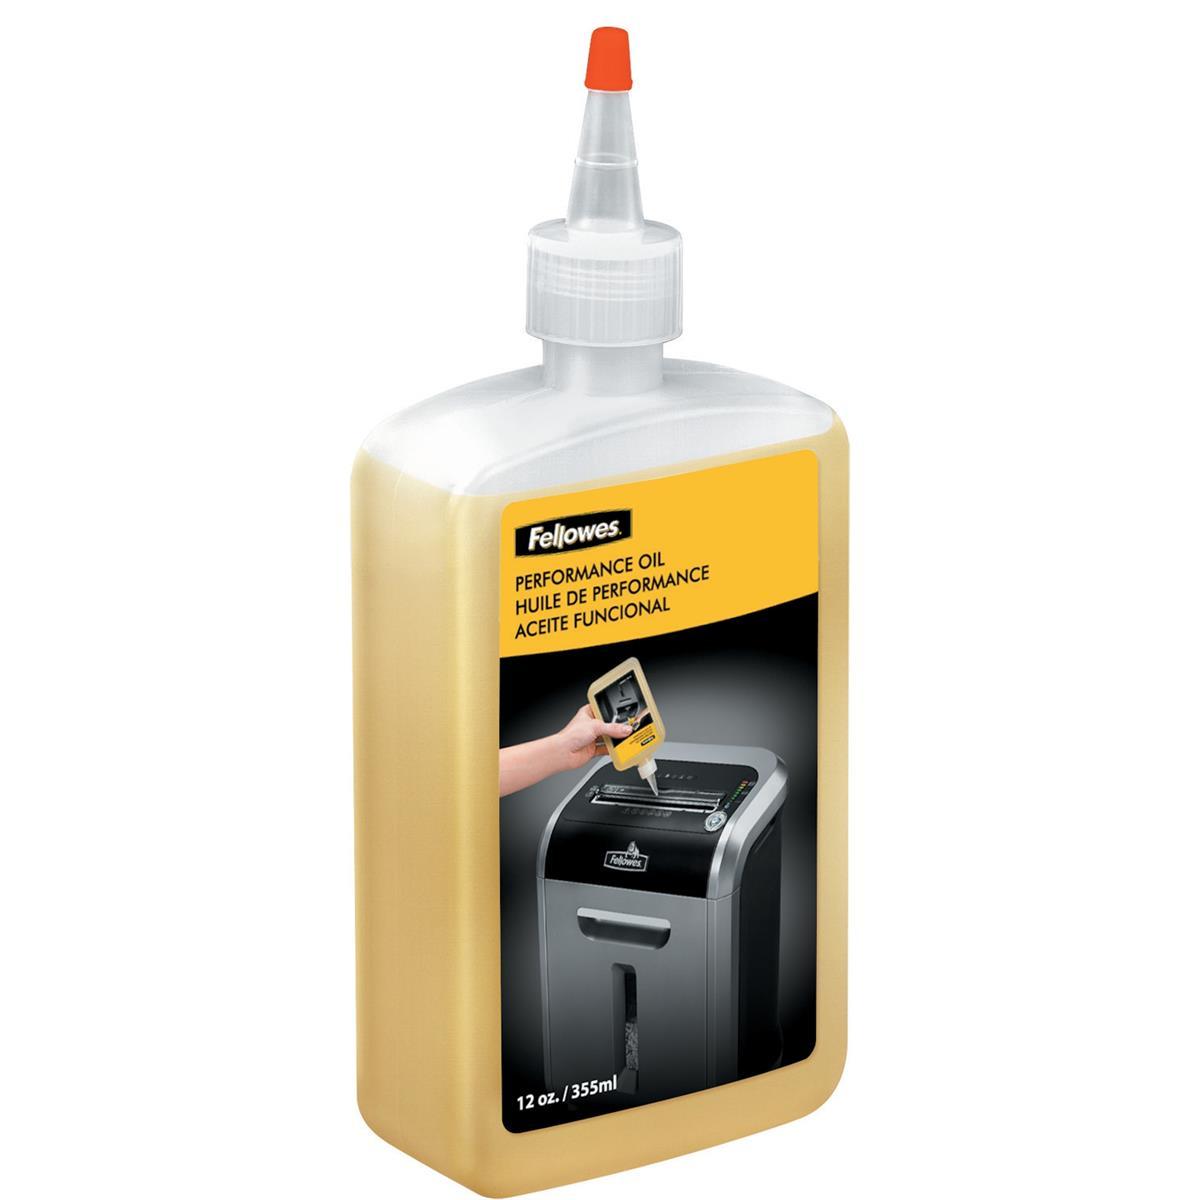 Fellowes Shredder Oil for all Cross-cut Shredders Bottle 355ml Ref 35250